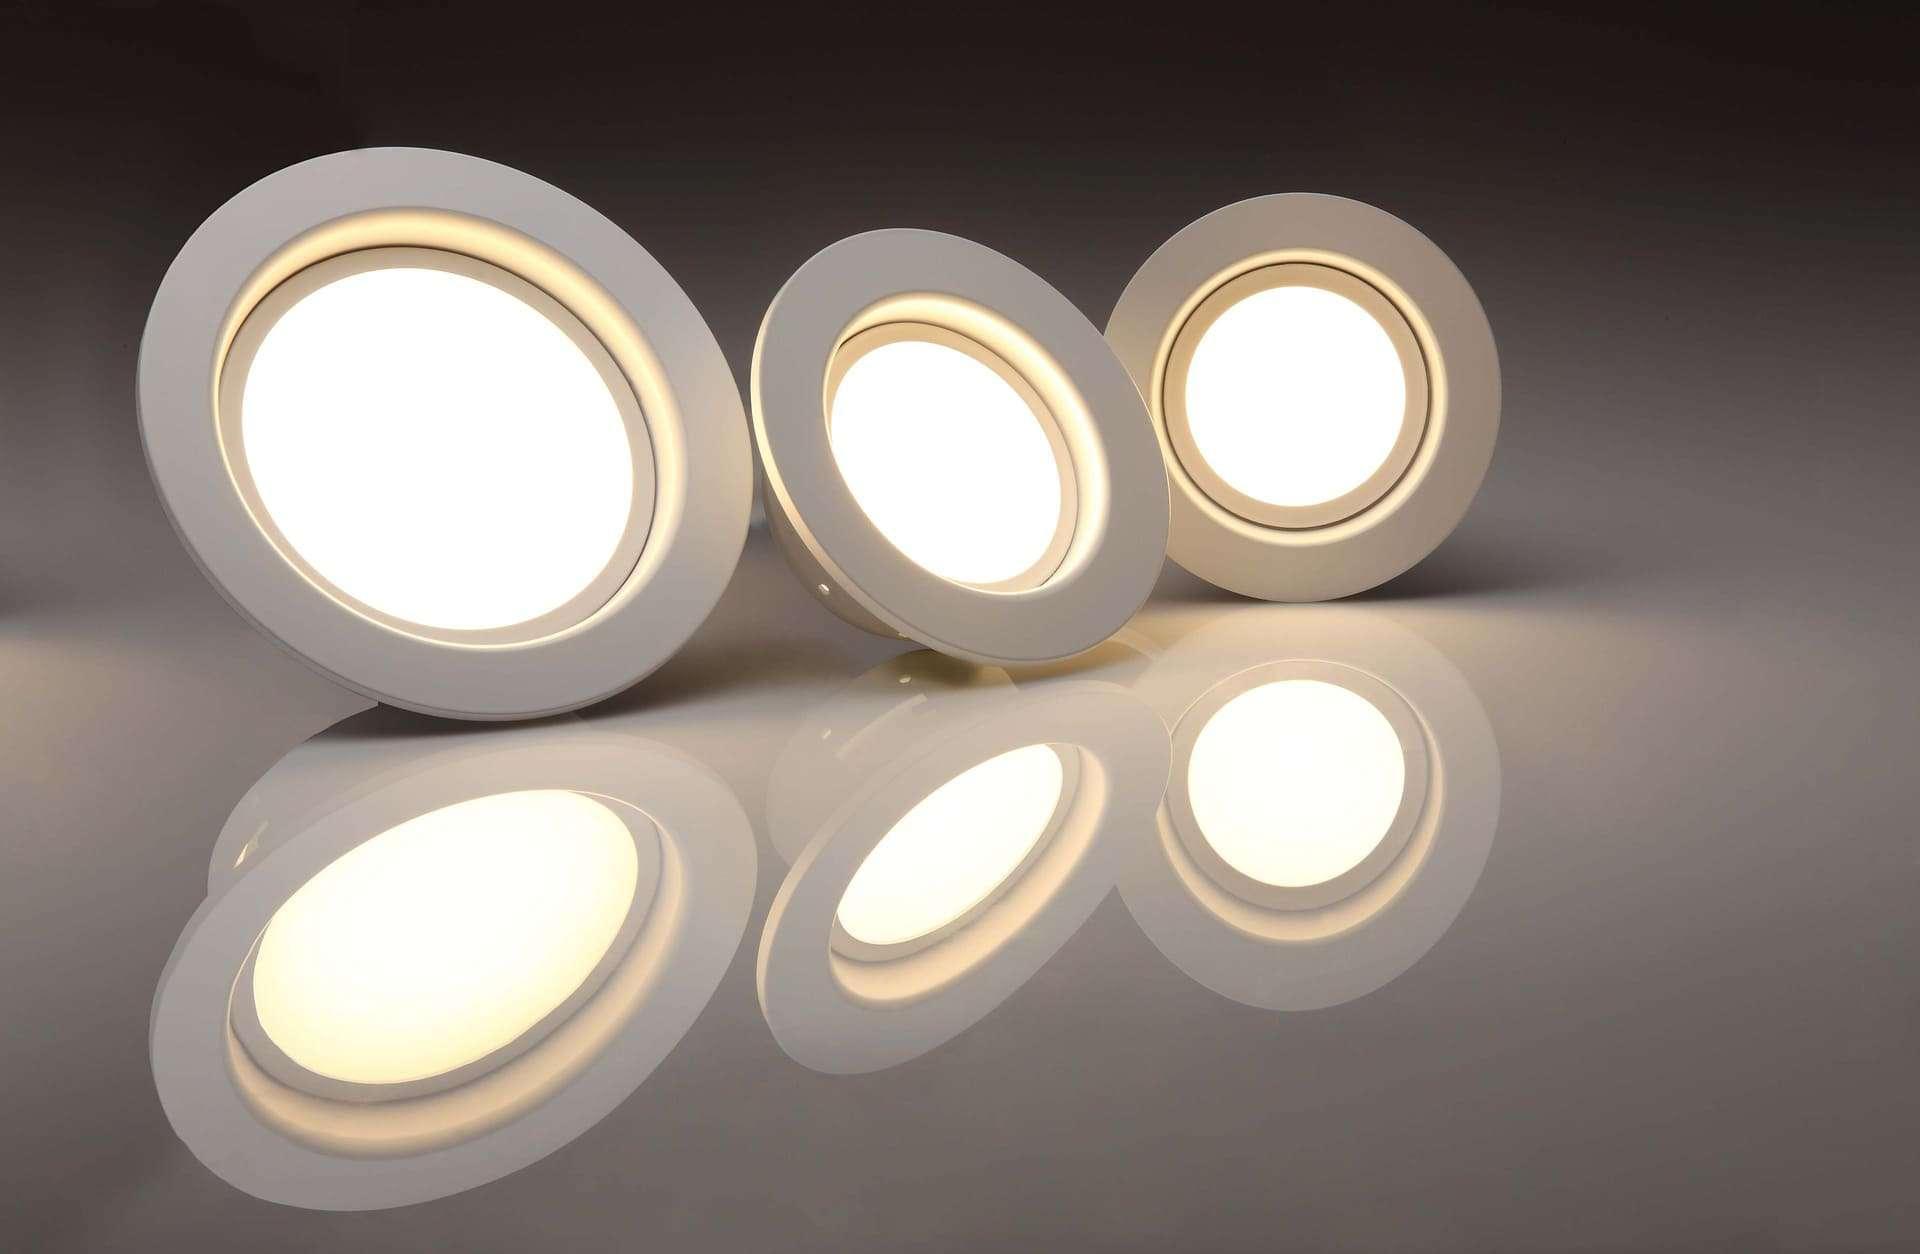 LED-Leuchtmittel: Test & Empfehlungen (05/20)